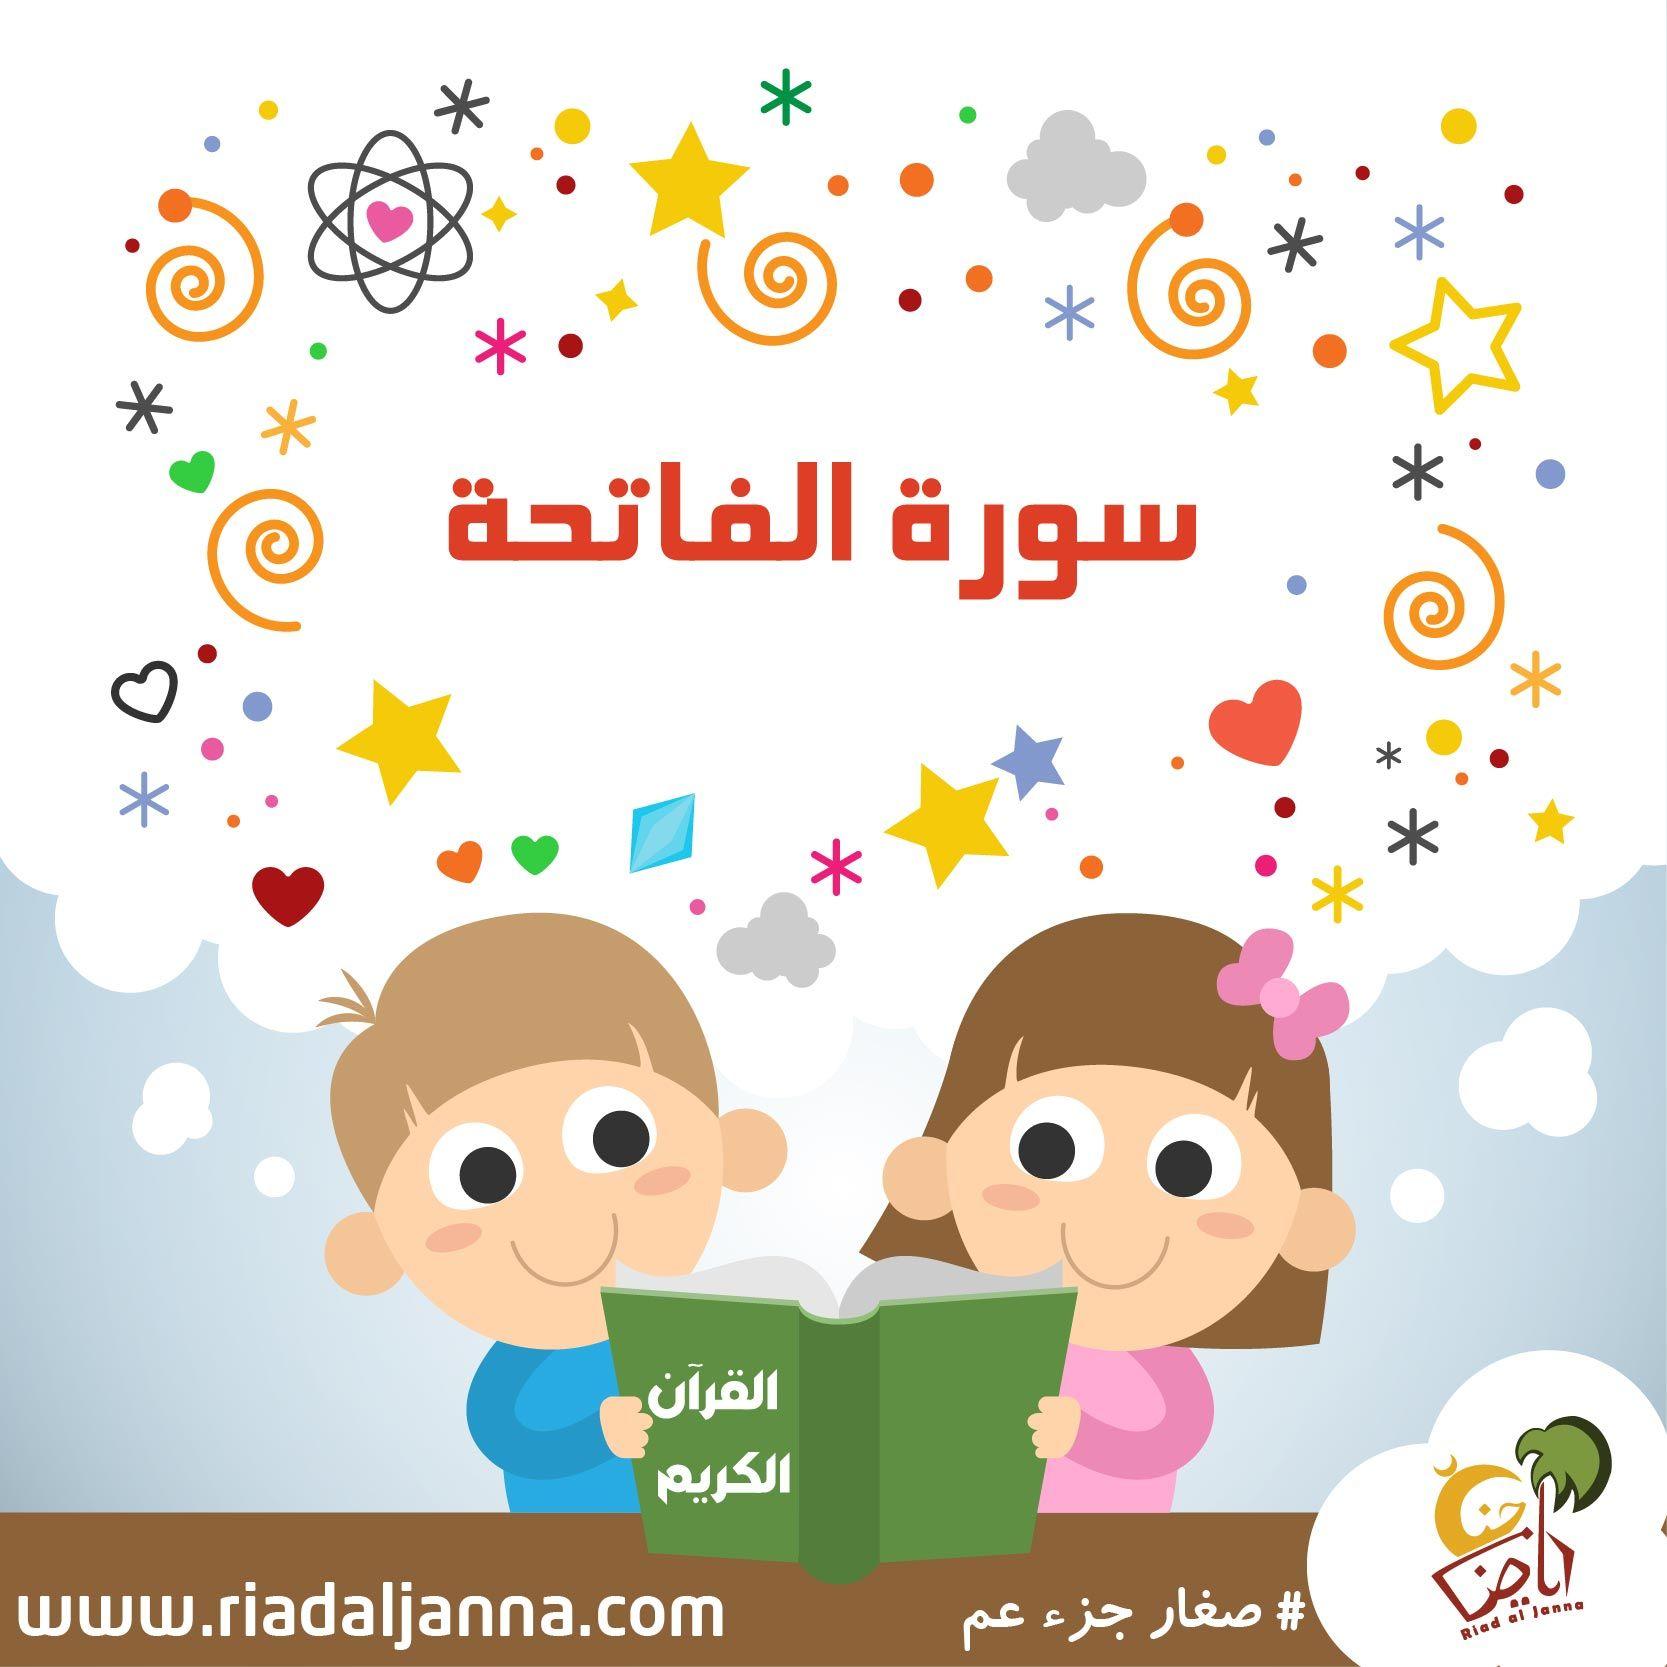 طرق بسيطة في تحفيظ و تفسير سورة الفاتحة للأطفال مرفقة ببطاقات تعليمية و أورق عمل ممتعة لإضافة خبرات لغوية أو علمية أو يدوية للأطفال Pendidikan